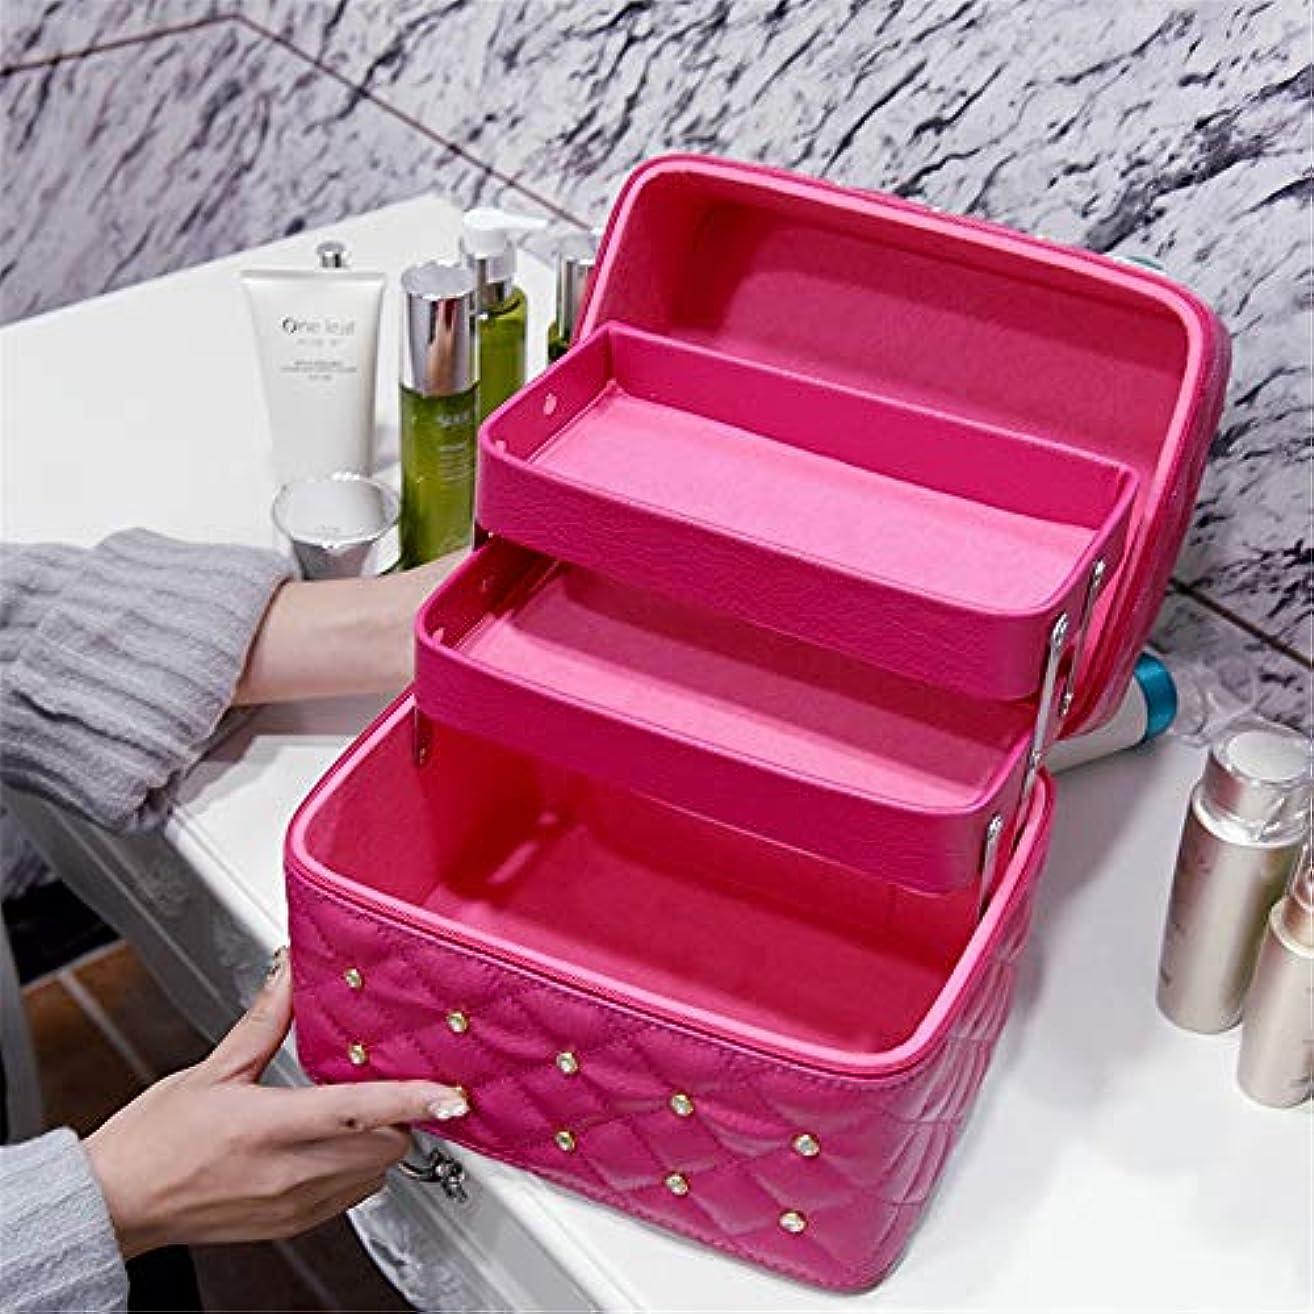 歩くバスタブカートリッジ特大スペース収納ビューティーボックス 美の構造のためそしてジッパーおよび折る皿が付いている女の子の女性旅行そして毎日の貯蔵のための高容量の携帯用化粧品袋 化粧品化粧台